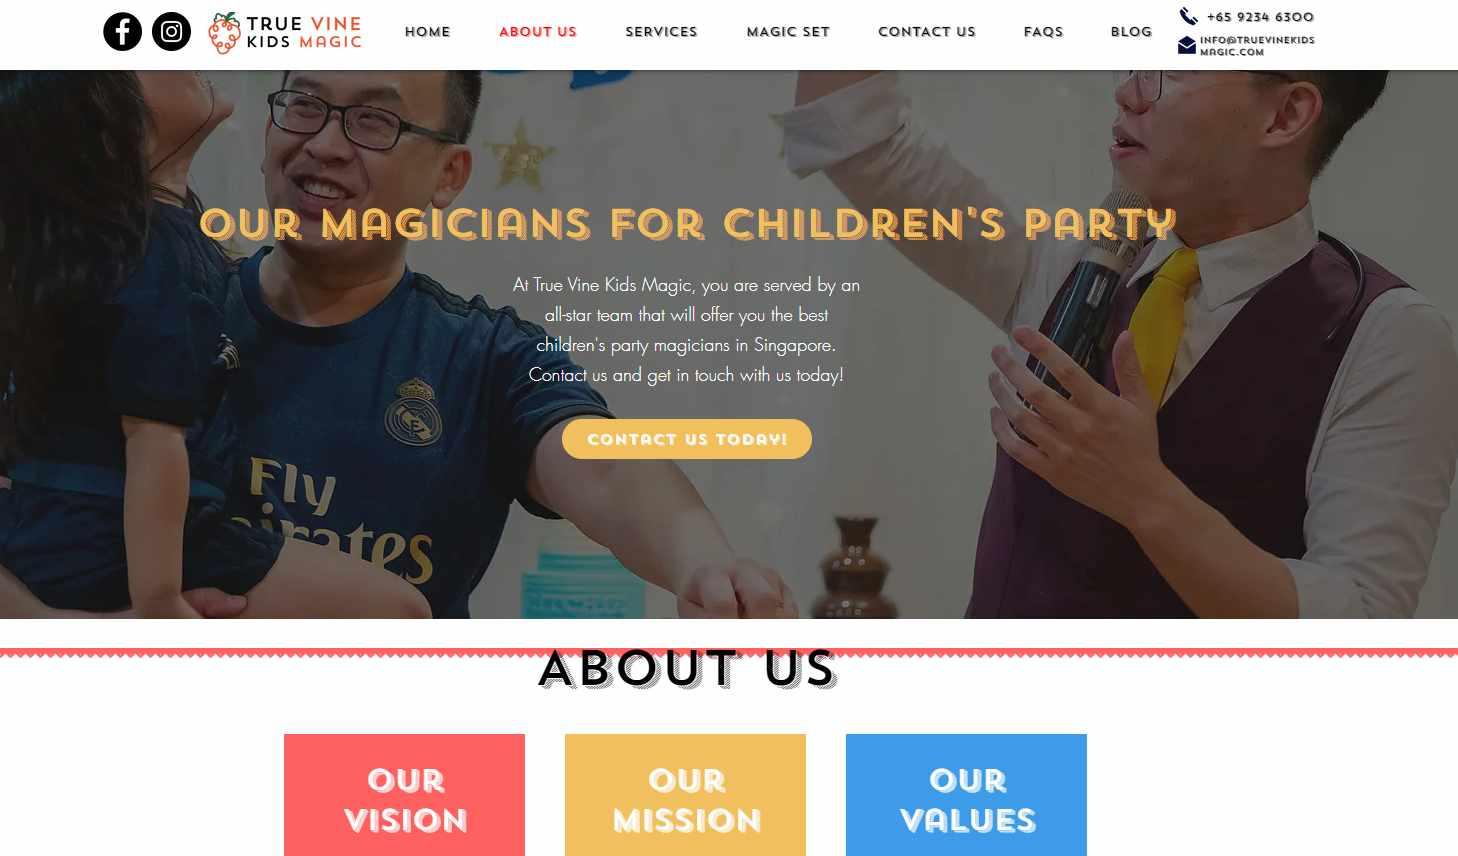 true vines kid magic Top Magicians in Singapore